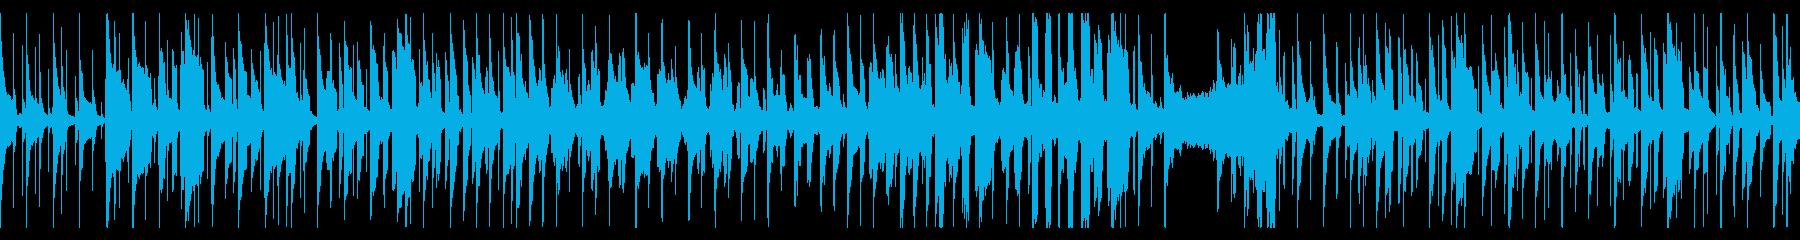 リコーダーがメインの脱力系の曲の再生済みの波形